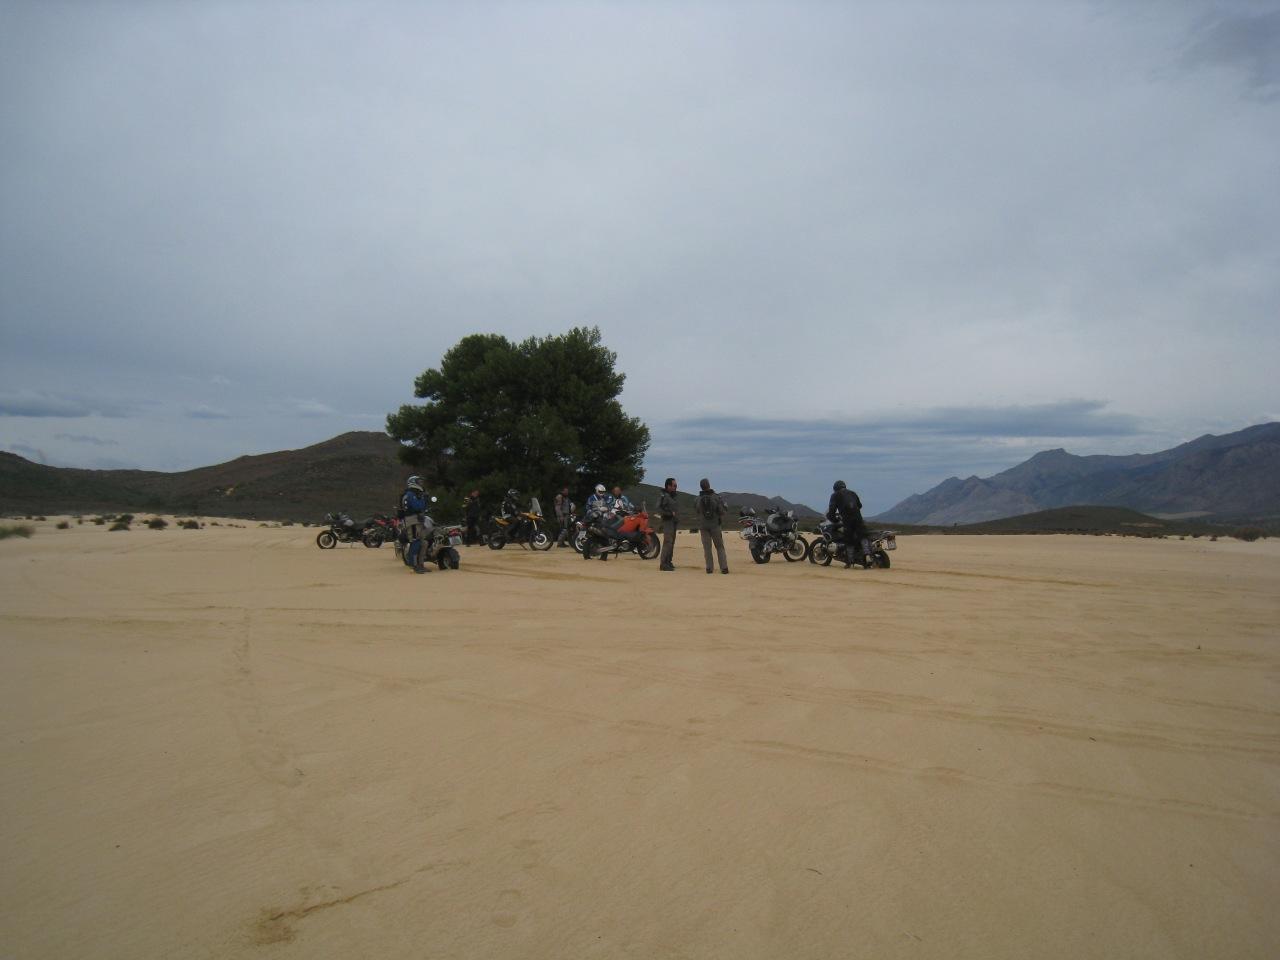 Guys in dunes taking a break